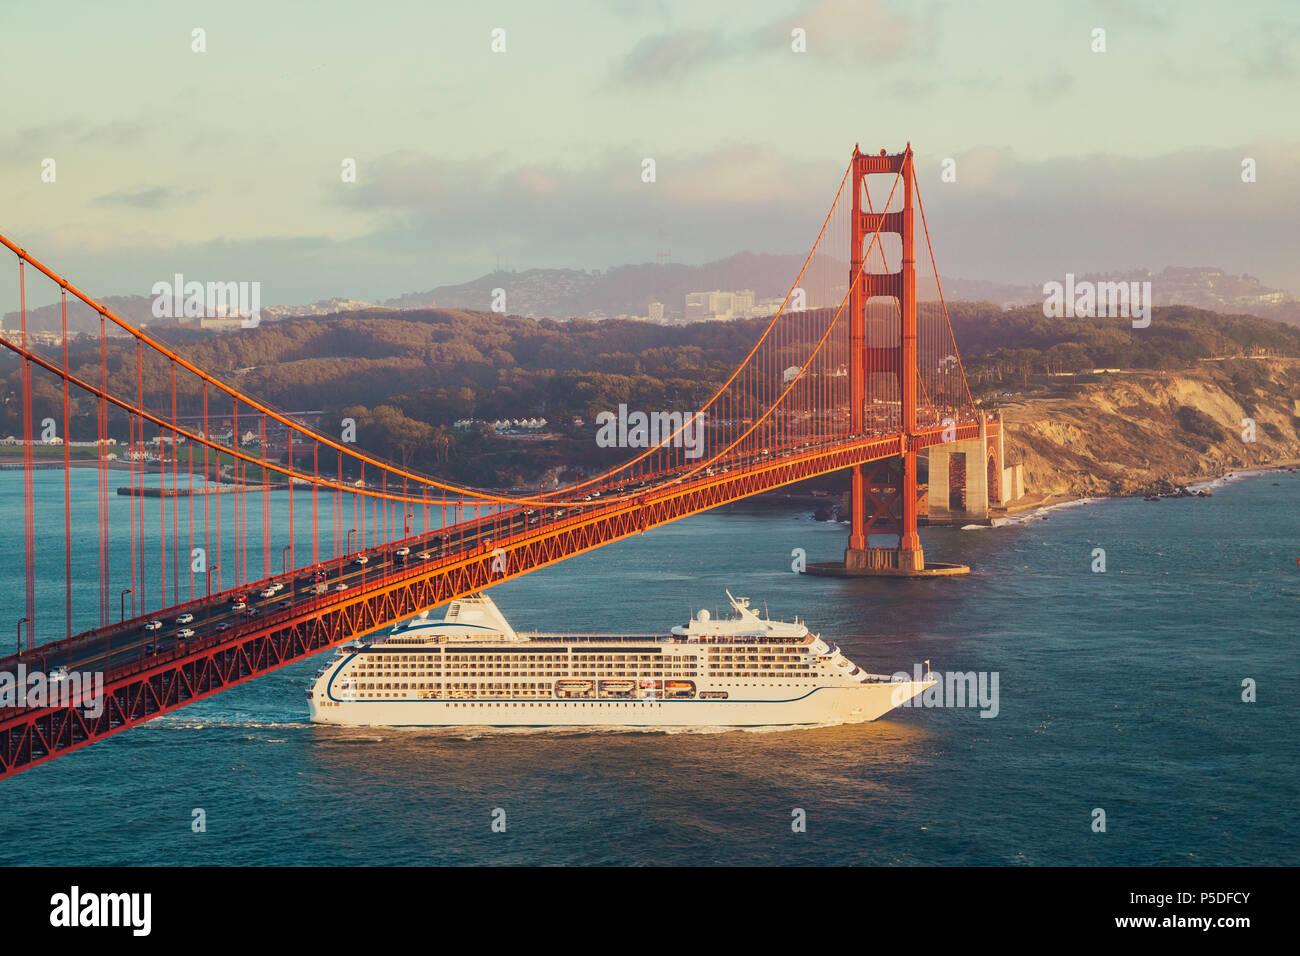 Belle vue panoramique de navire de croisière passant célèbre Golden Gate Bridge avec la skyline de San Francisco en arrière-plan dans la belle golden eveni Banque D'Images